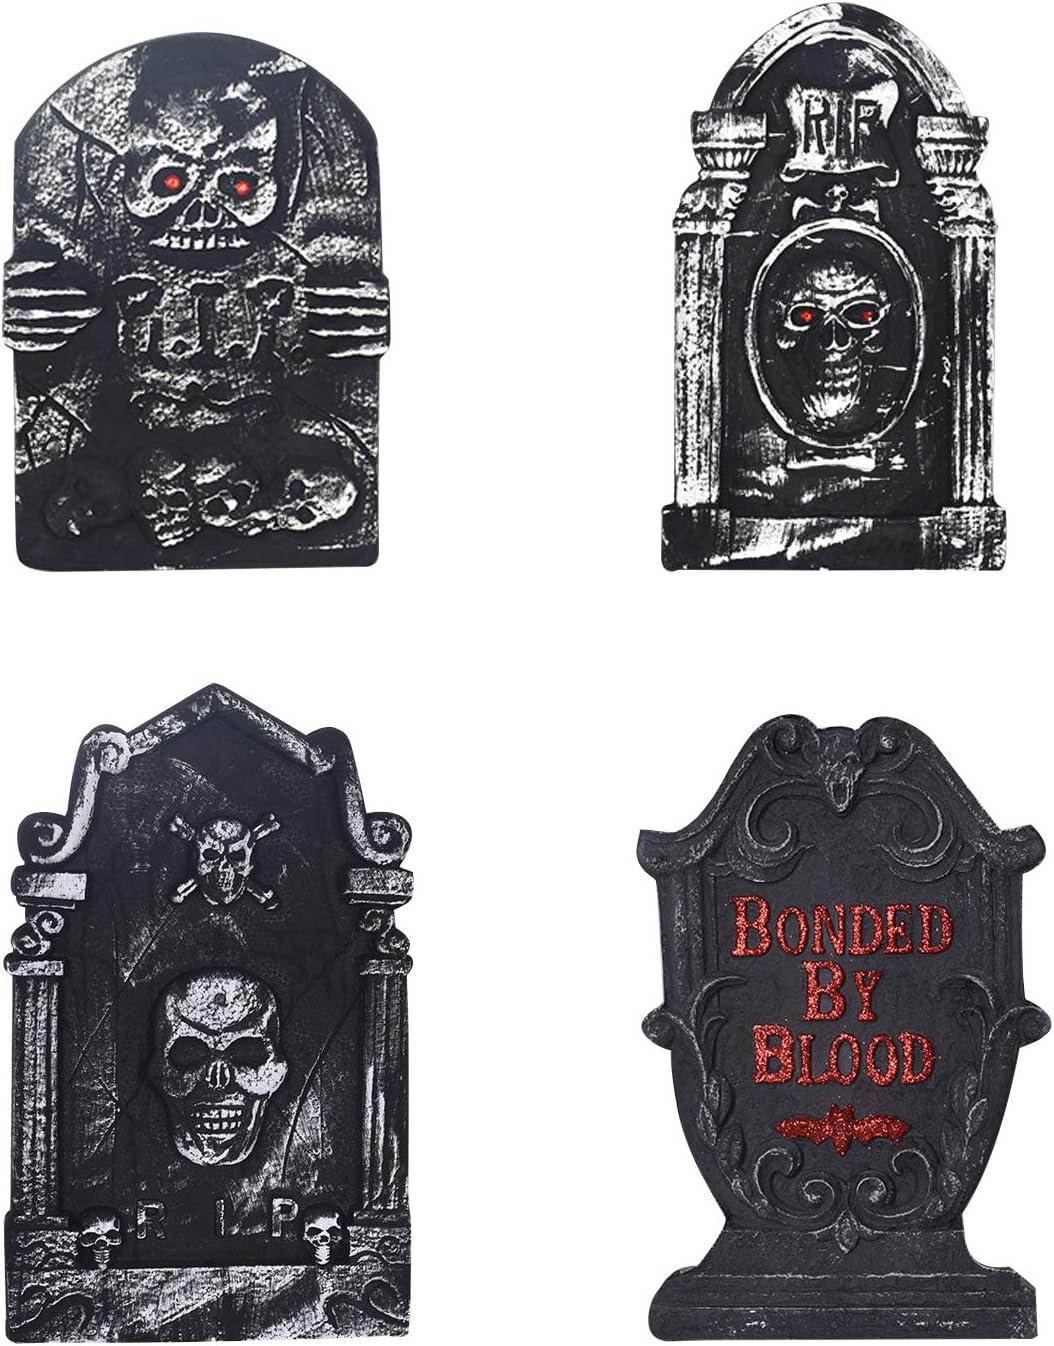 semen Pack de 4 Decoraciones de Halloween para casa embrujada de Espuma Ligera Tombstone gótico jardín Graveyard Estatua, Negro, 4 Piezas: Amazon.es: Hogar